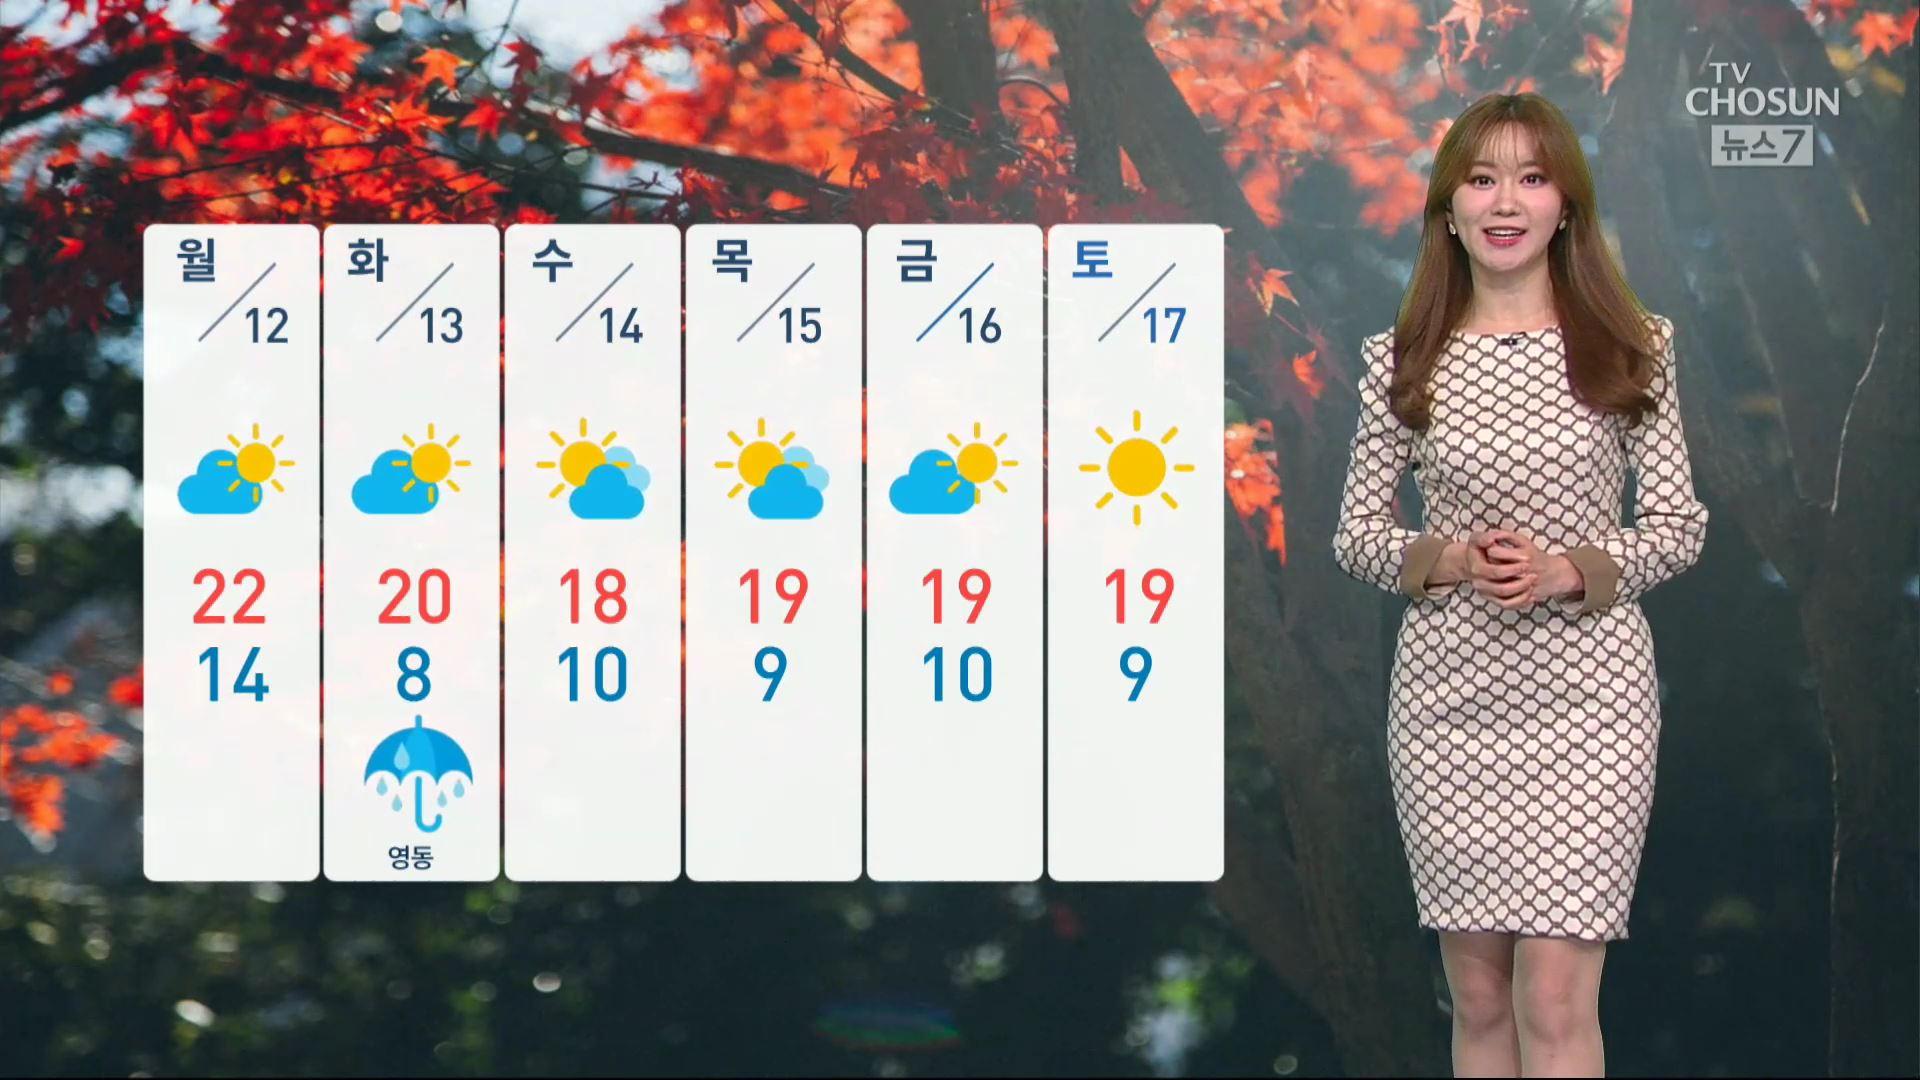 [날씨] 월요일 일교차 큰 가을 날씨…일부지역 아침에 비